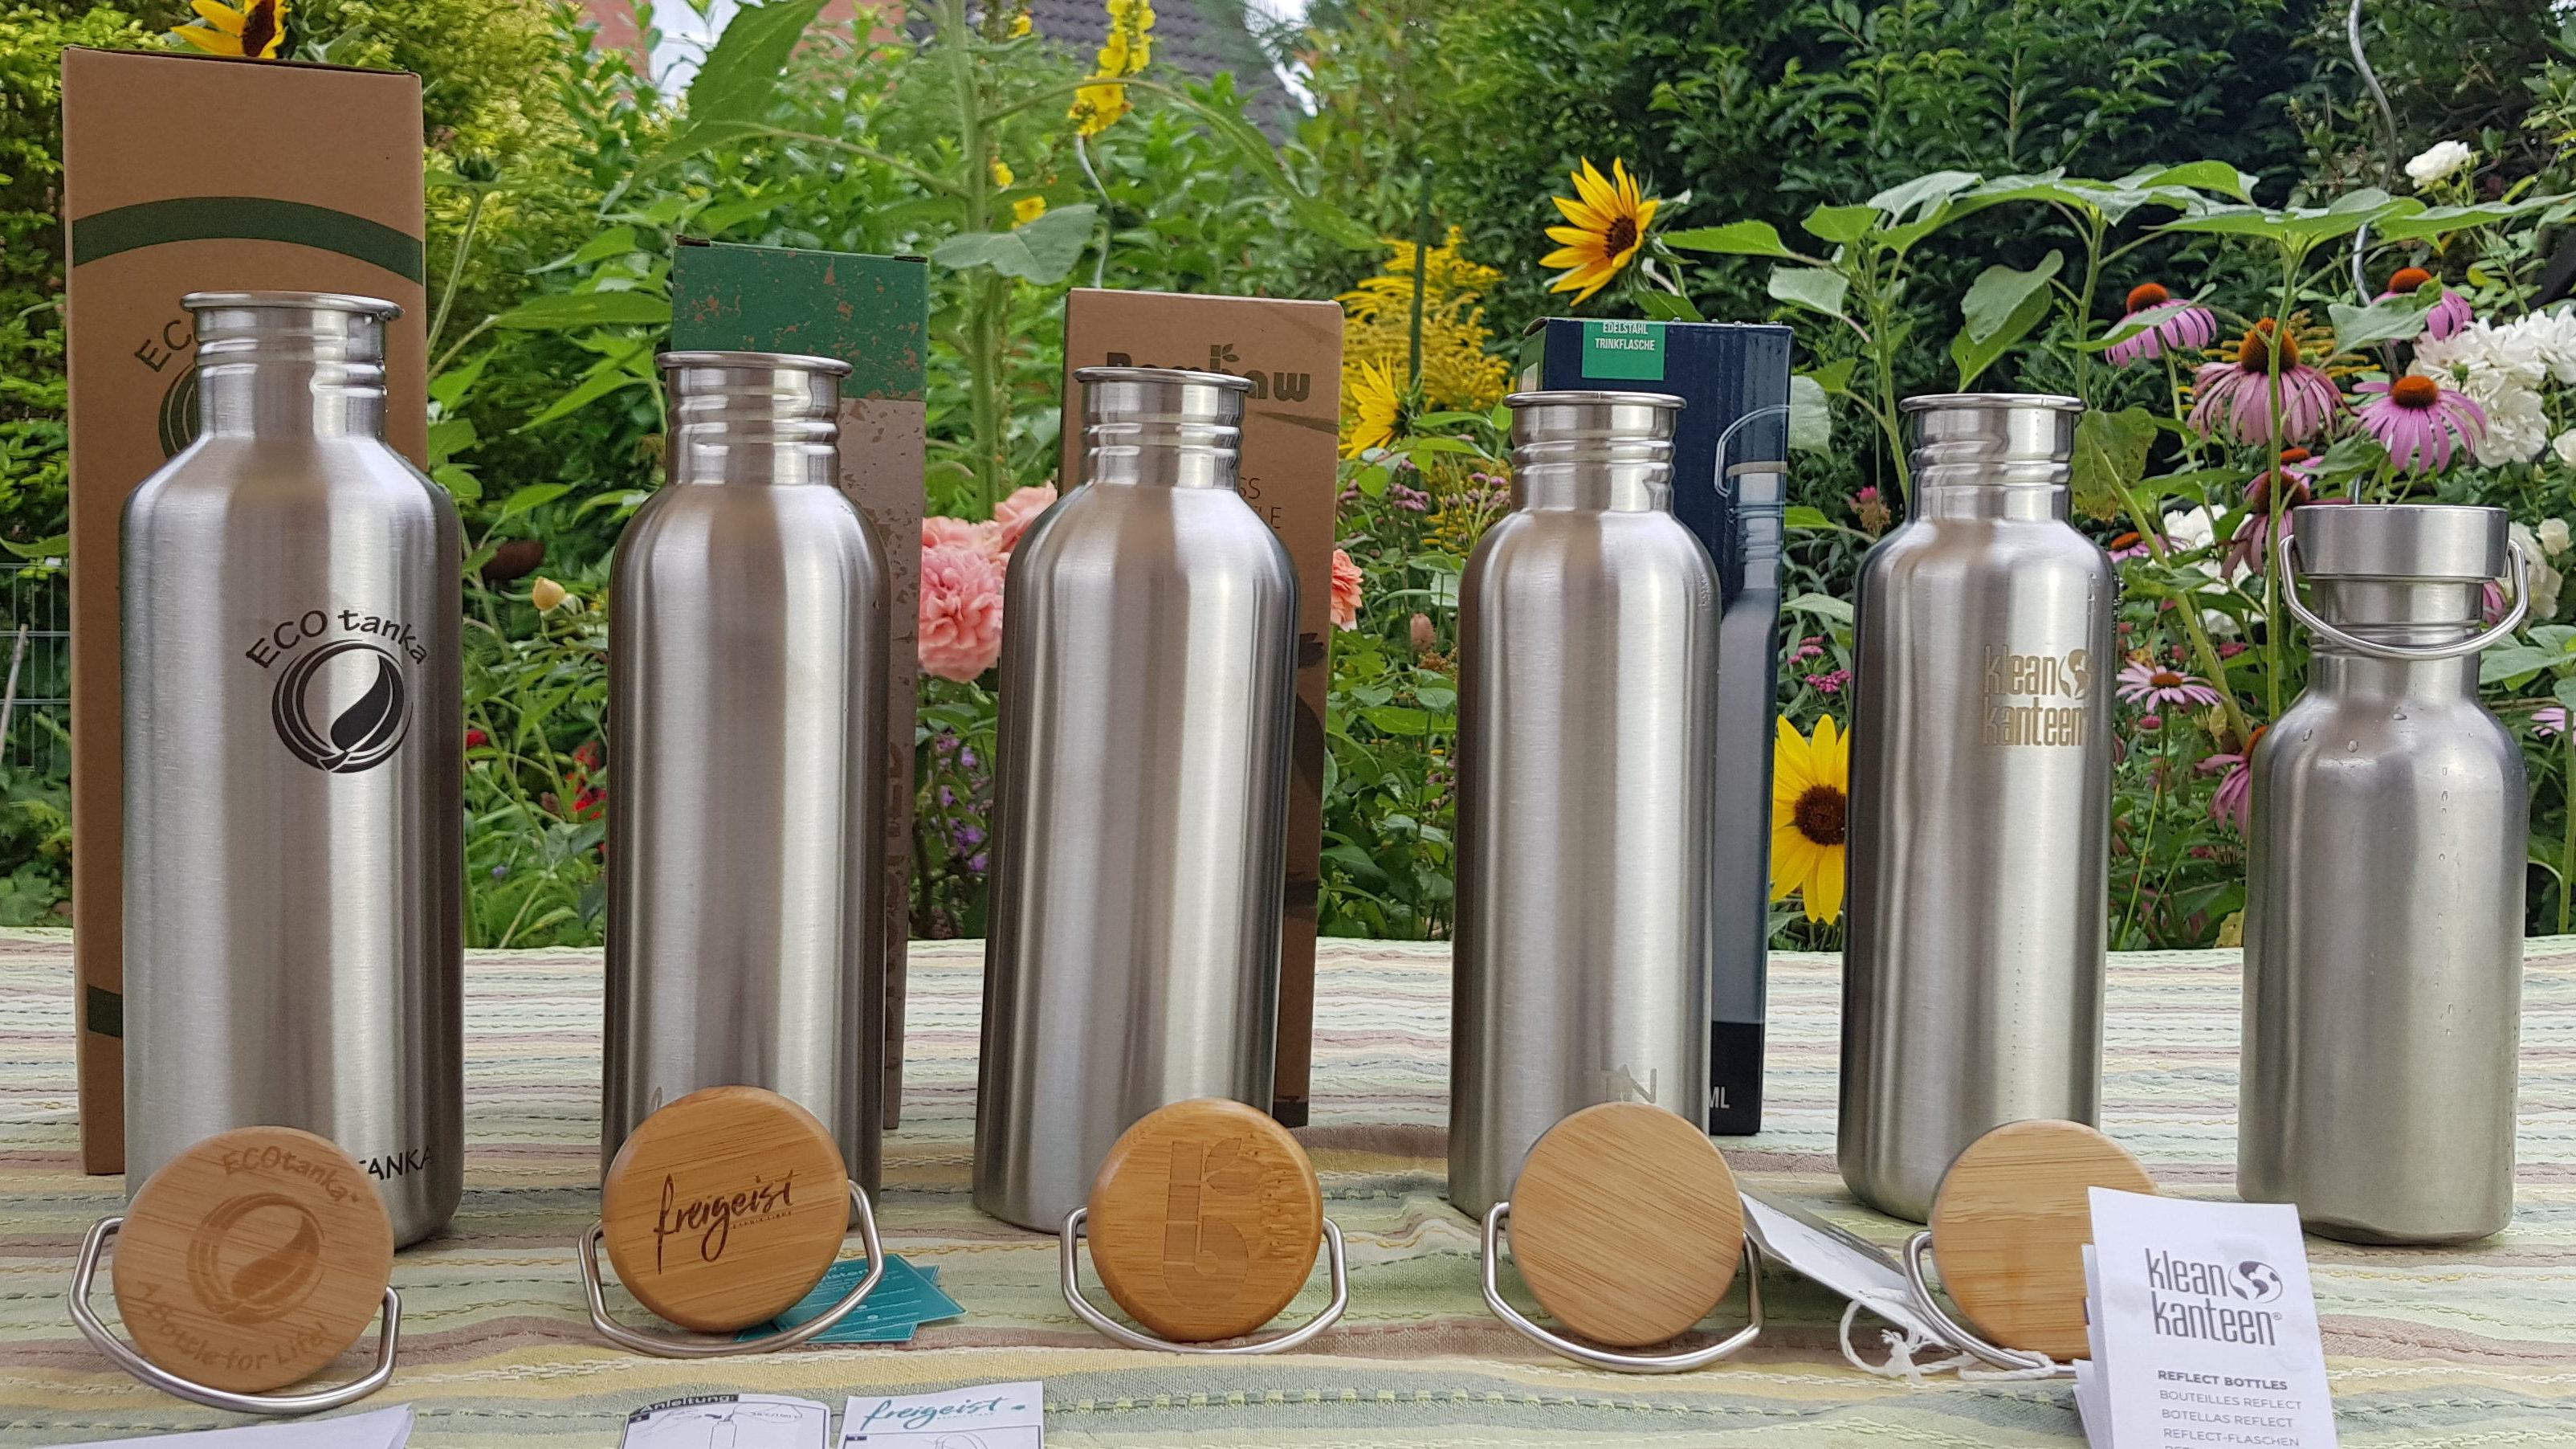 Bambaw Trinkflasche 1l Edelstahl Langlebige Wasserflasche 1l| Wiederverwendbare /öko Wasserflasche F/ür Camping /& Lagerfeuer Sportflasche auslaufsicher Trinkflasche Metall ohne Plastik